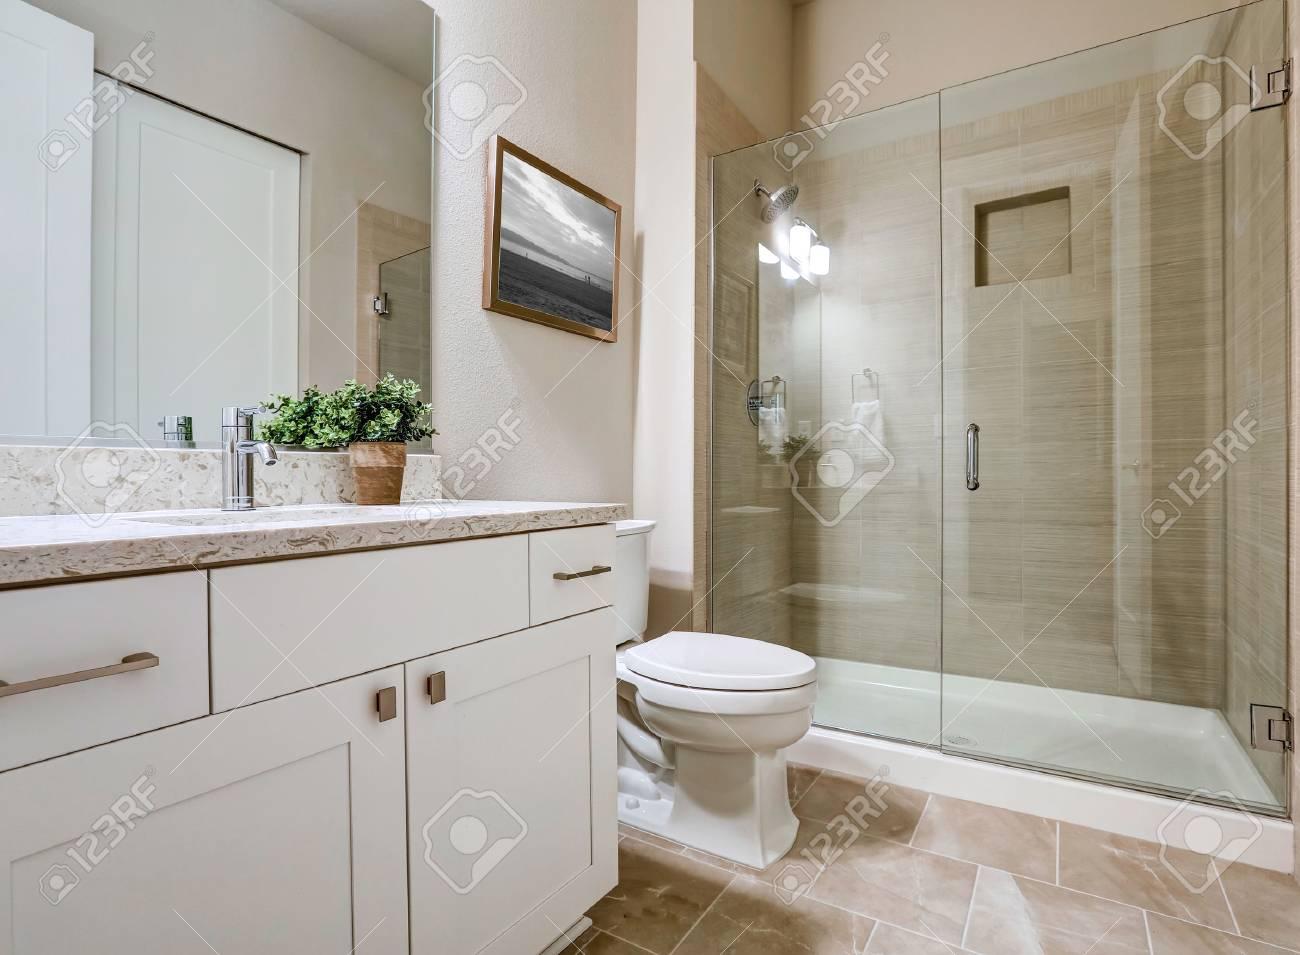 Transitional design d\'intérieur de salle de bains dans des couleurs douces  beige. Caractéristiques douche en verre avec encadrement carreaux taupe ...